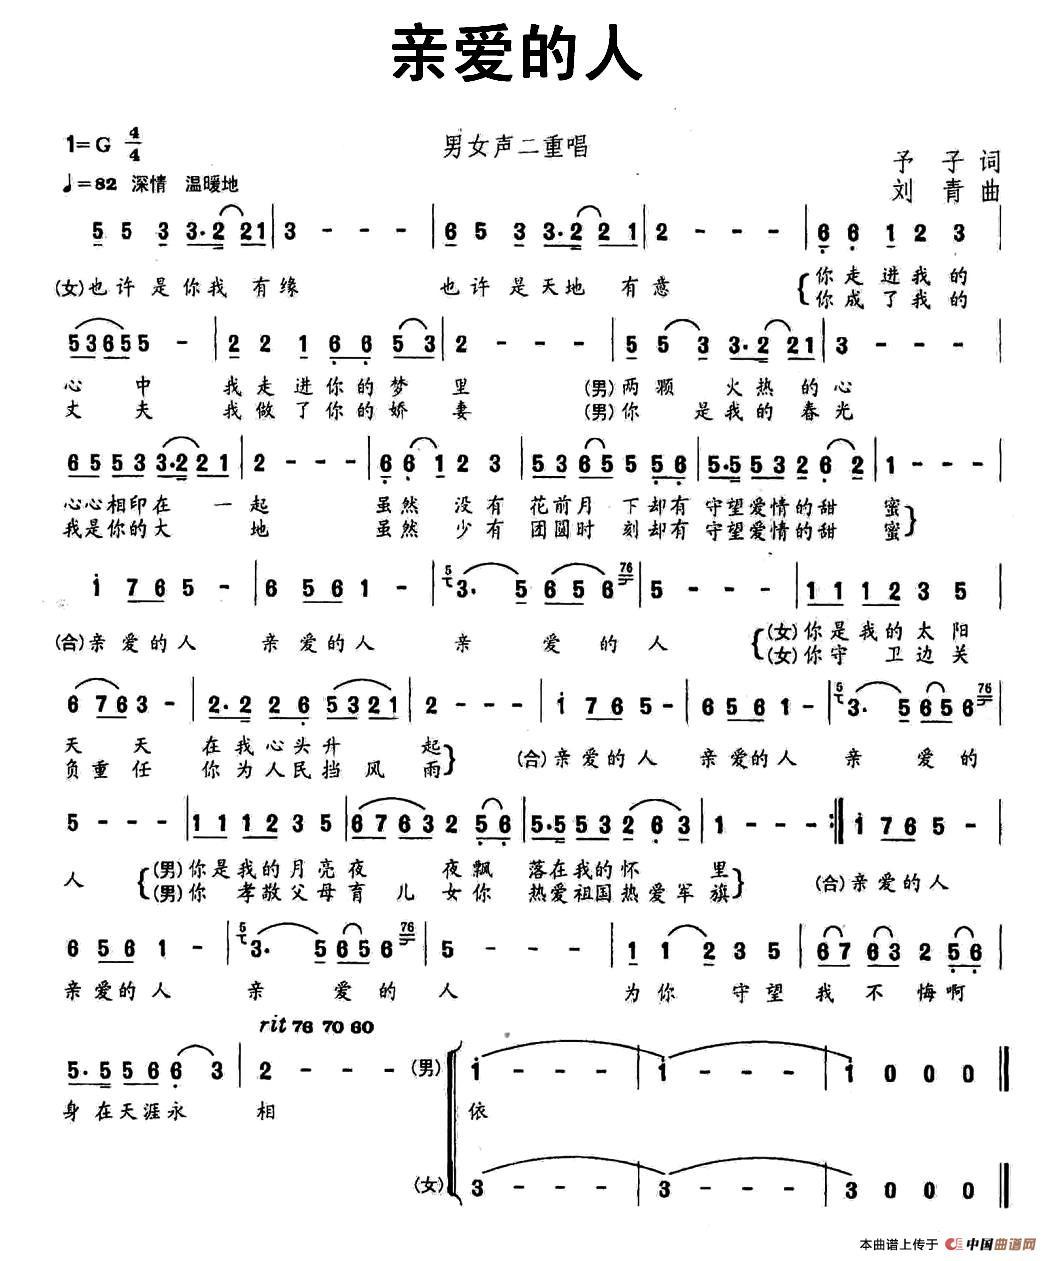 亲爱的人(爱尔兰民歌)(简谱)- 豆丁网